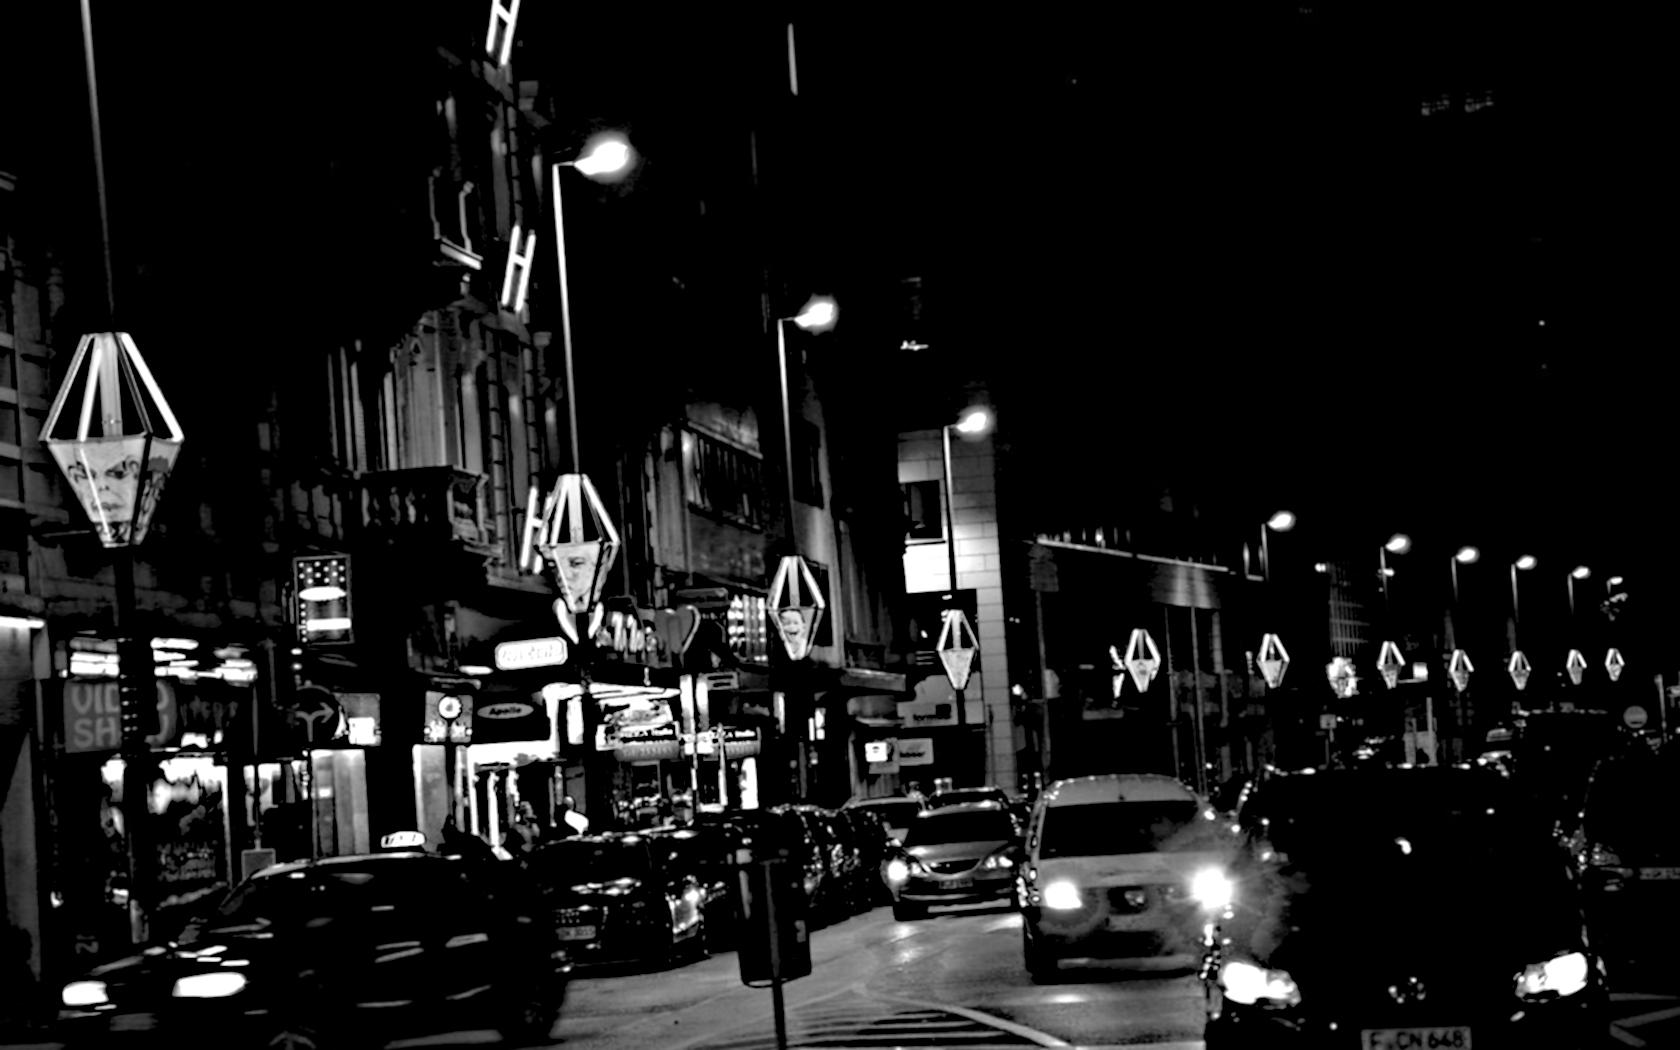 BV Laterne, Bahnhofsviertel, Rotlichviertel Frankfurt am Main, Lampions, Oktaeder lampen, lightinstallation, citylight, keinStil.GmbH, Tatcraft GmbH